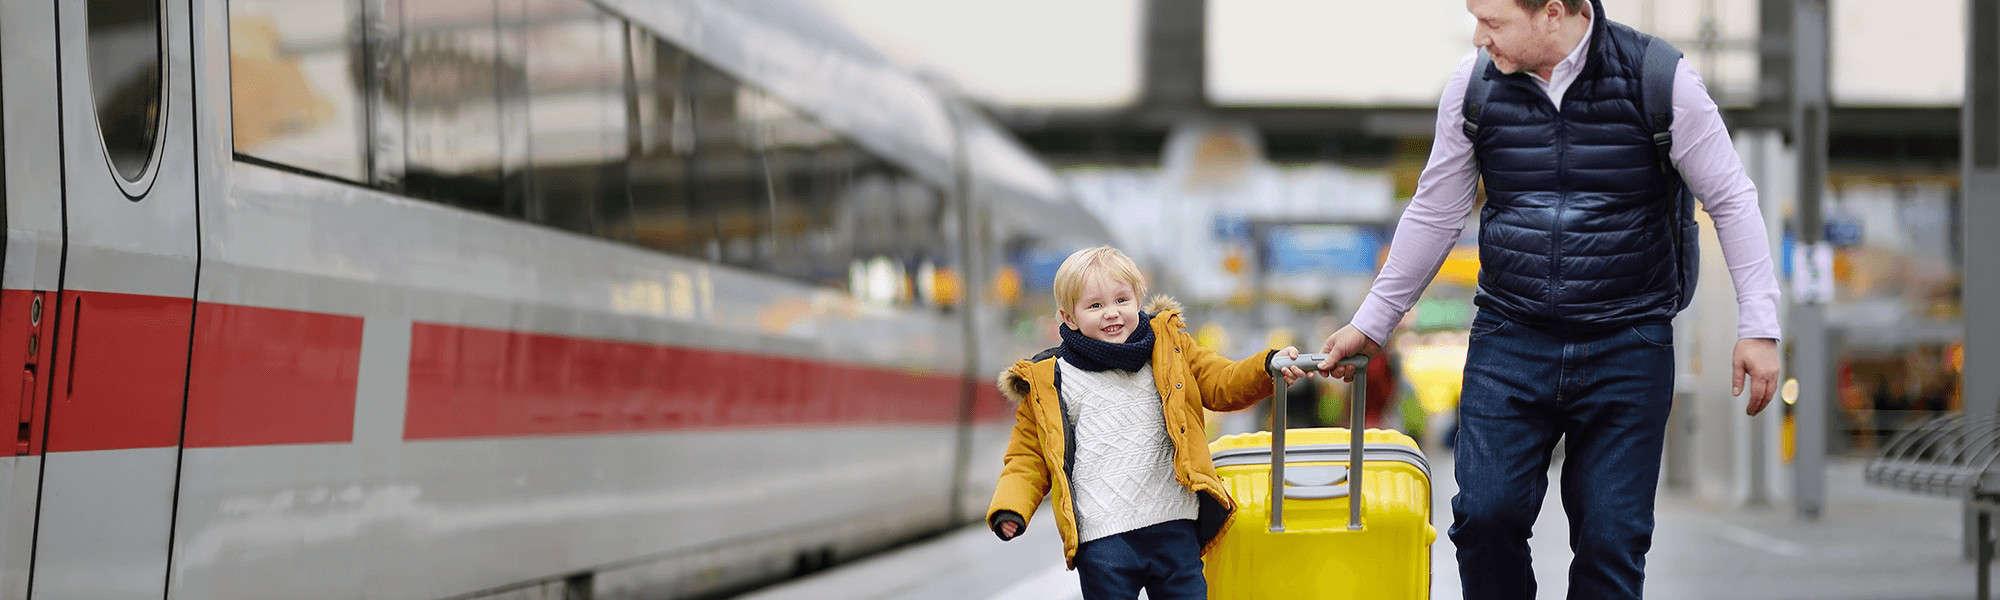 Zug zum Flug & Co. – So reist du entspannt zum Flughafen an